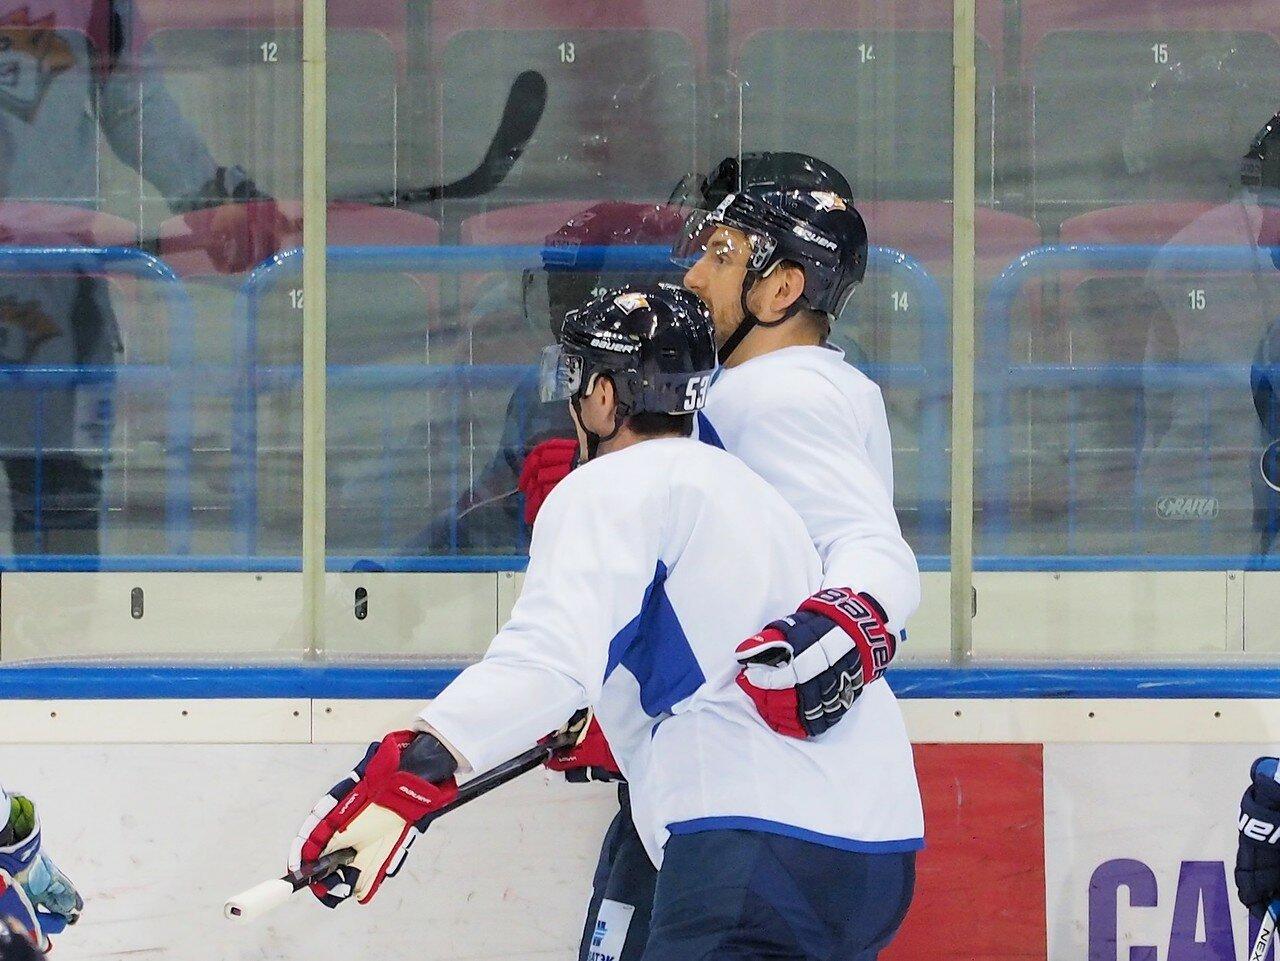 11 Открытая тренировка перед финалом плей-офф восточной конференции КХЛ 2017 22.03.2017